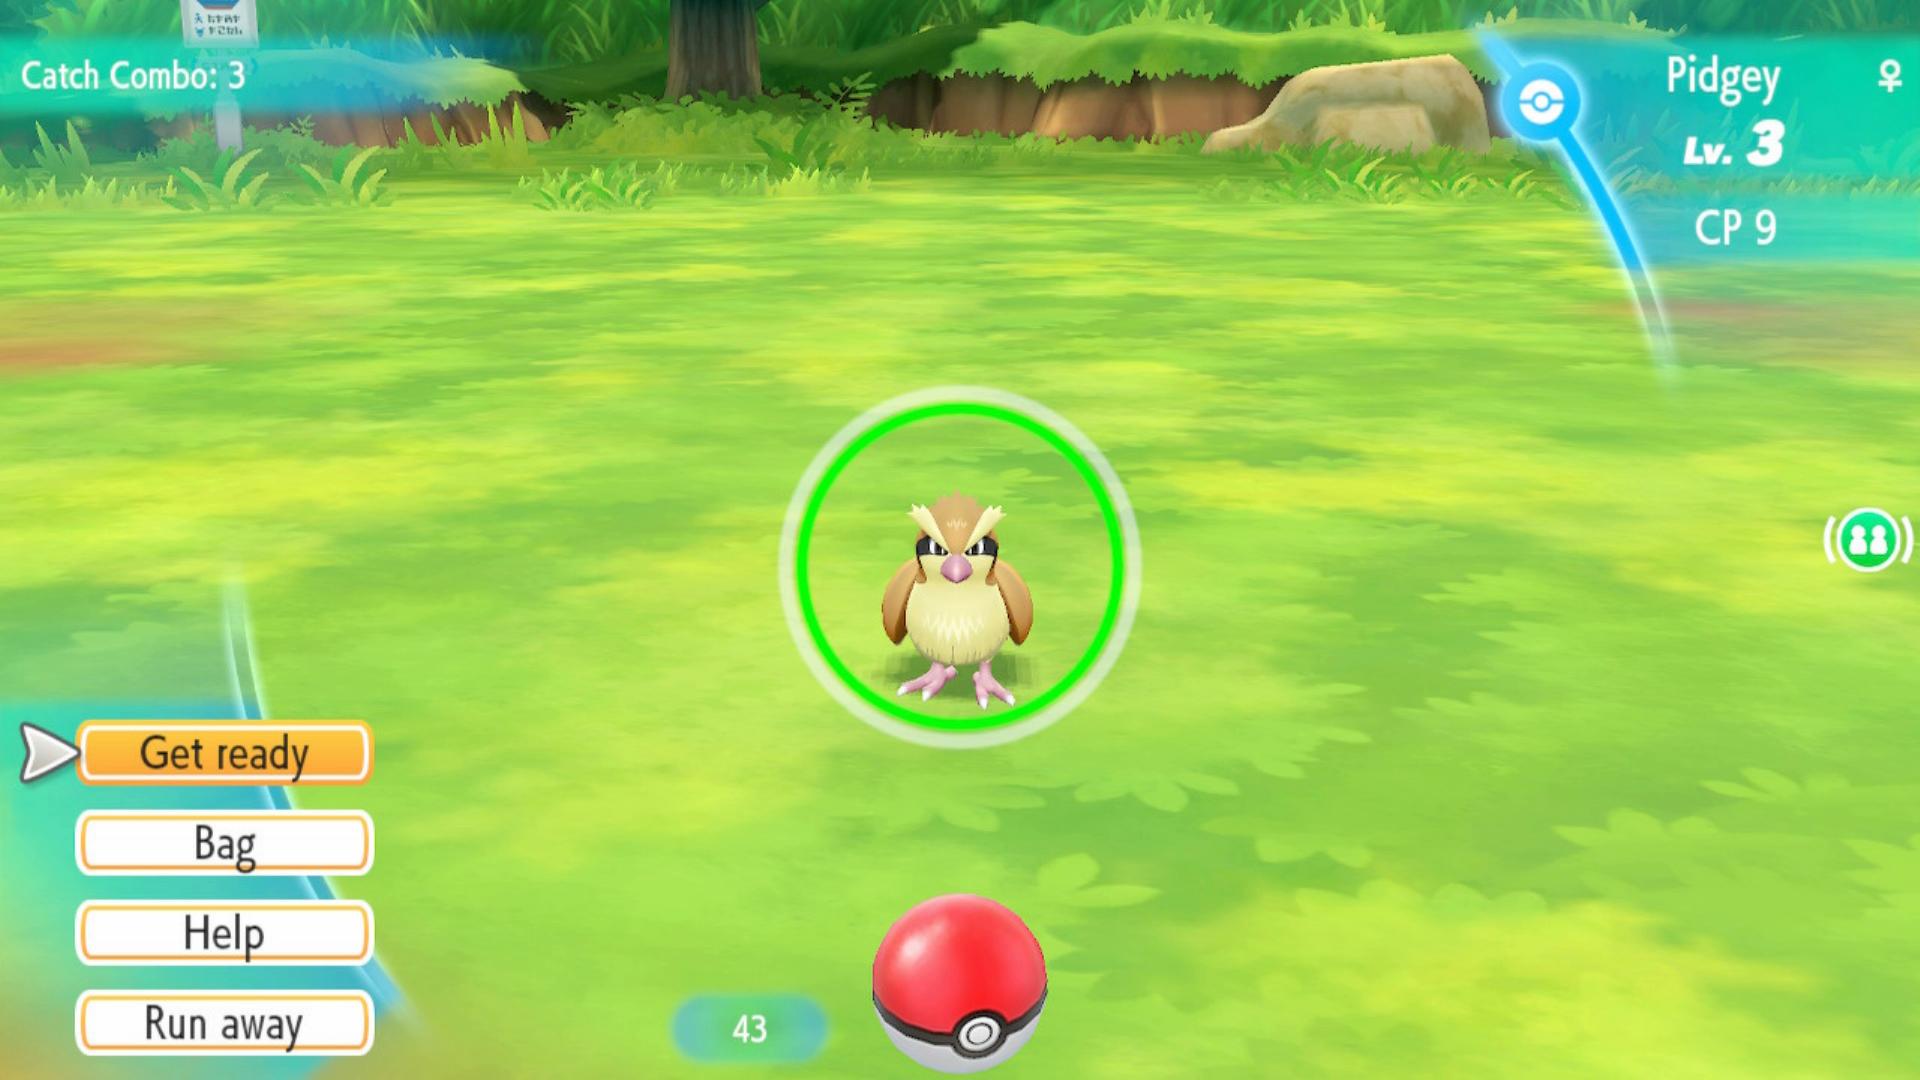 Catching Pokemon